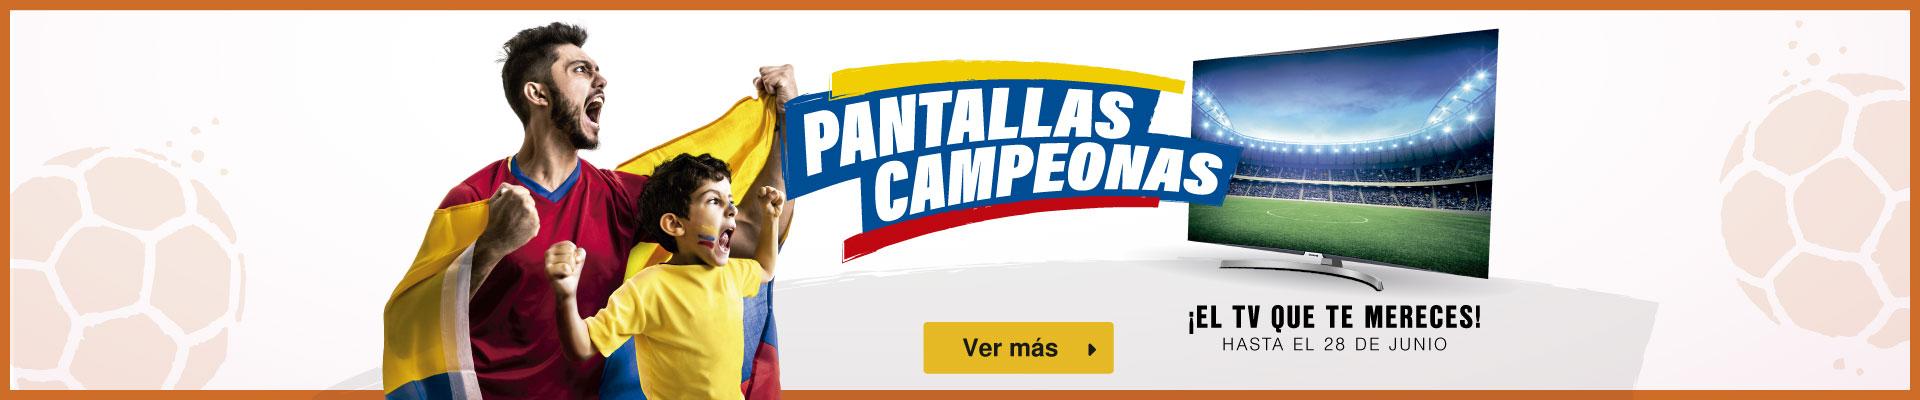 AK_PANTALLAS-CAMPEONAS-May19